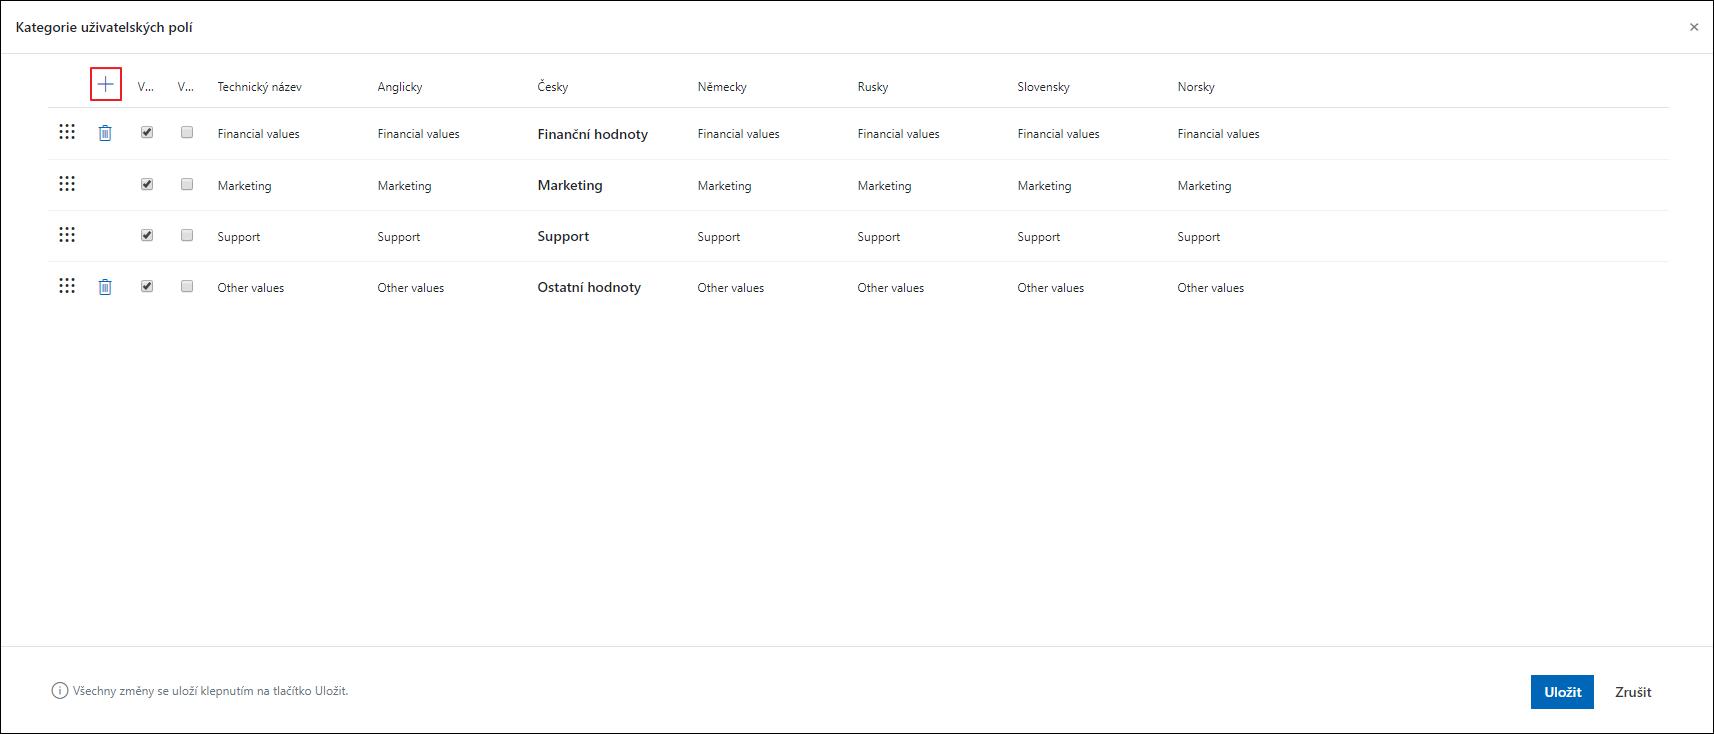 Přidat kategorii uživatelského pole